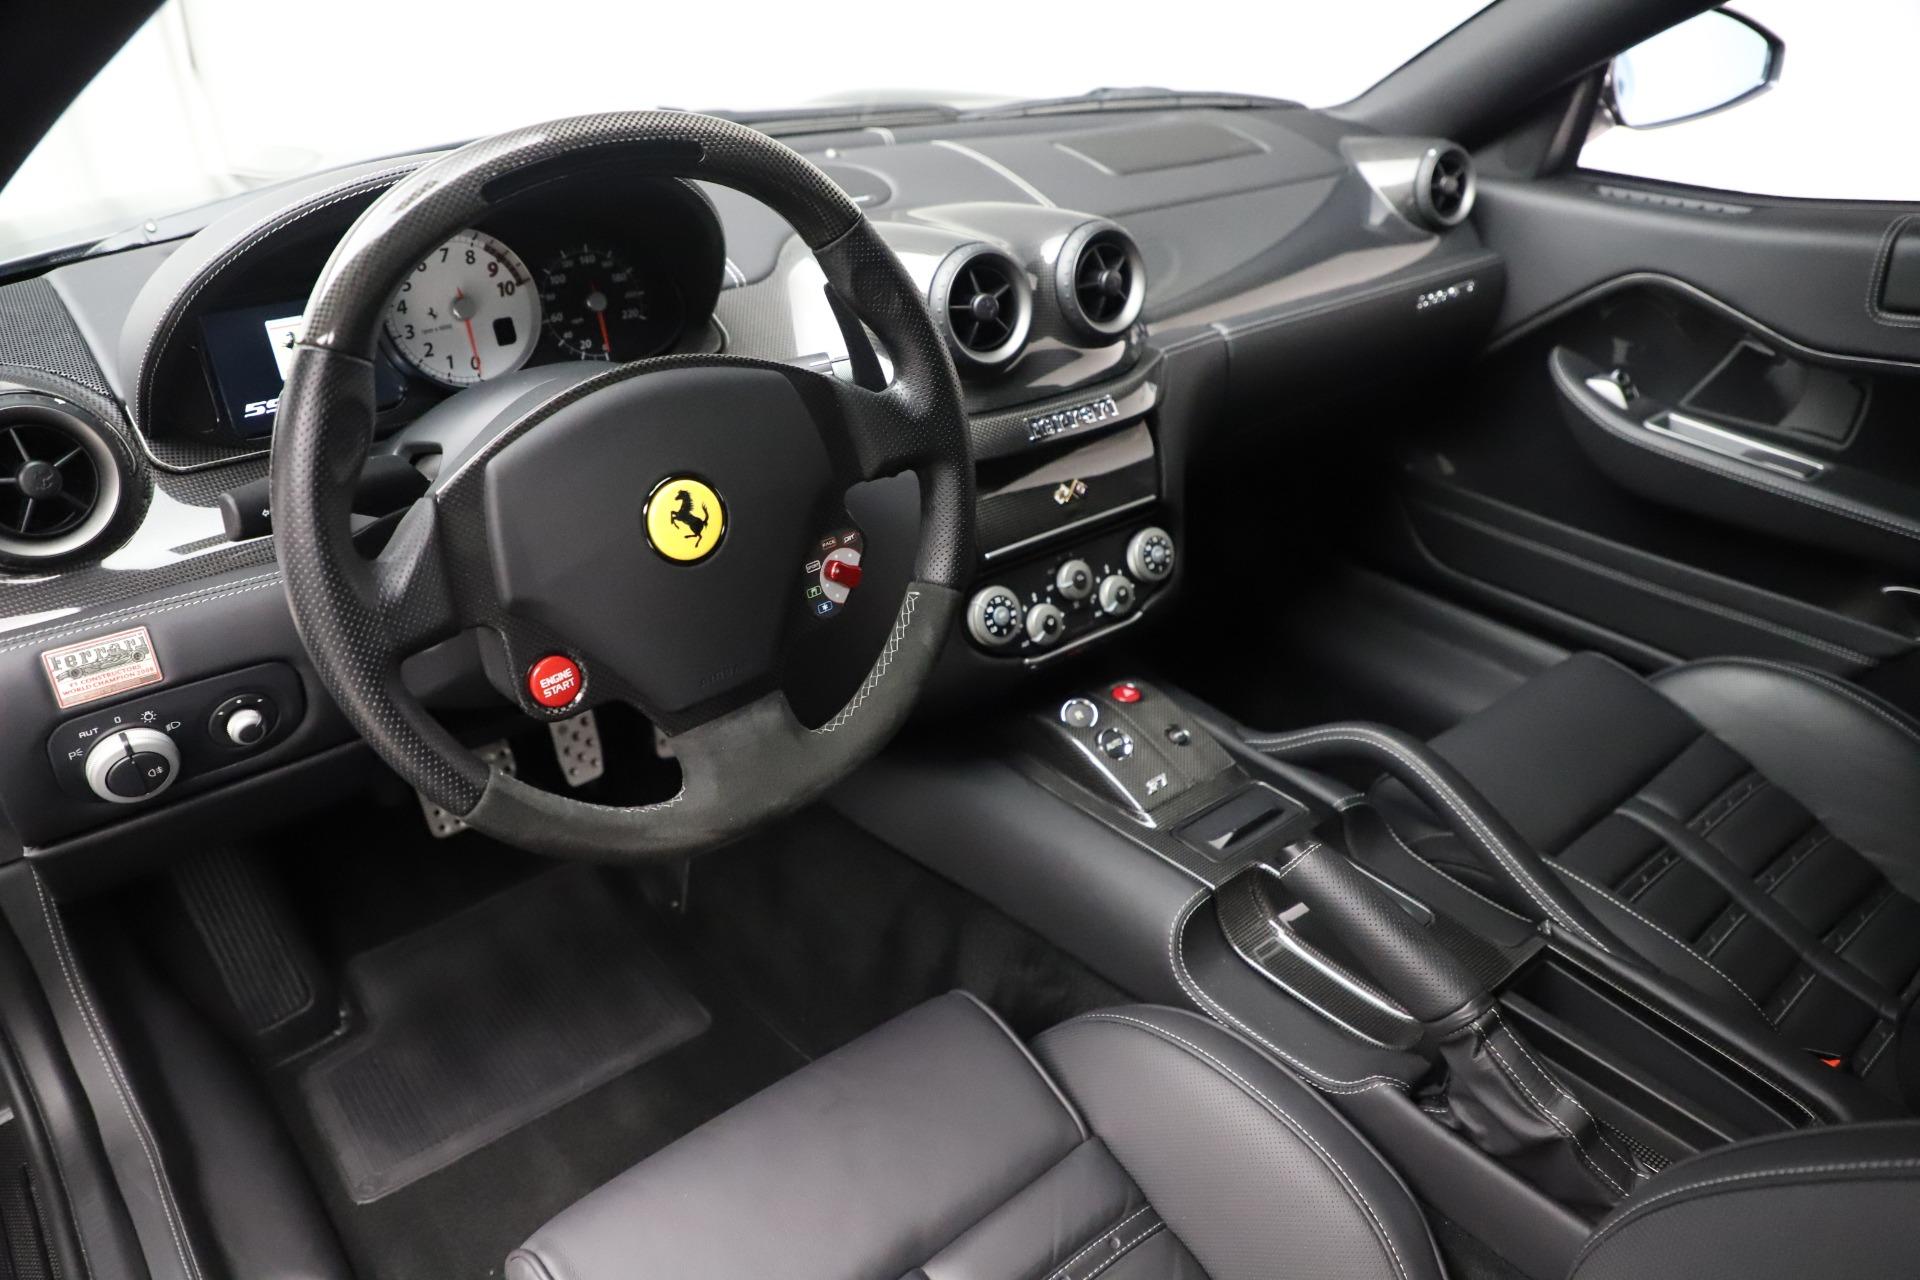 Used 2010 Ferrari 599 GTB Fiorano HGTE For Sale In Westport, CT 3544_p13